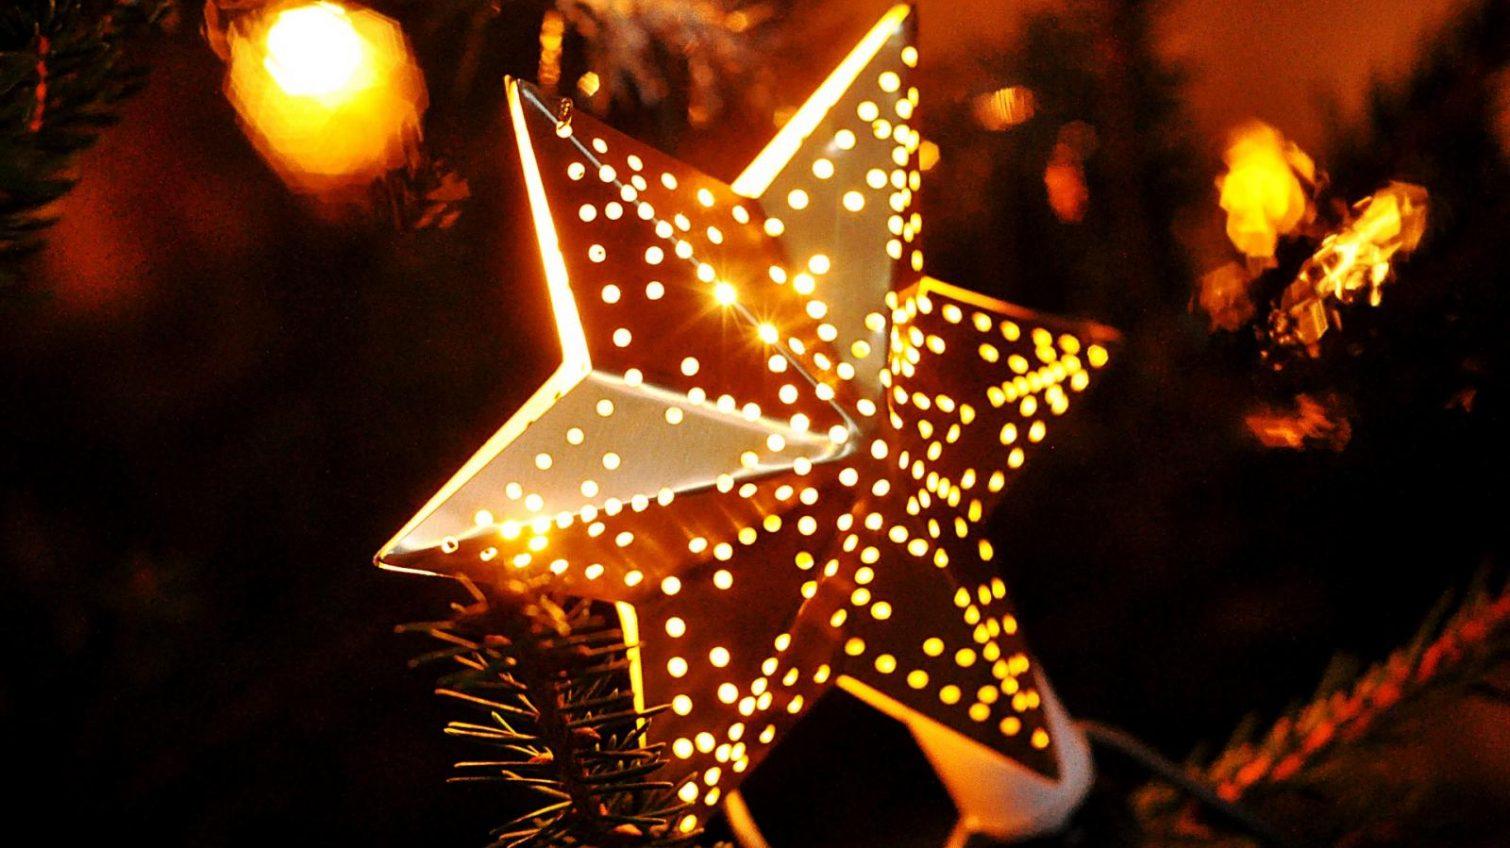 Настоящие чудеса: добрые истории на Новый год и Рождество «фото»